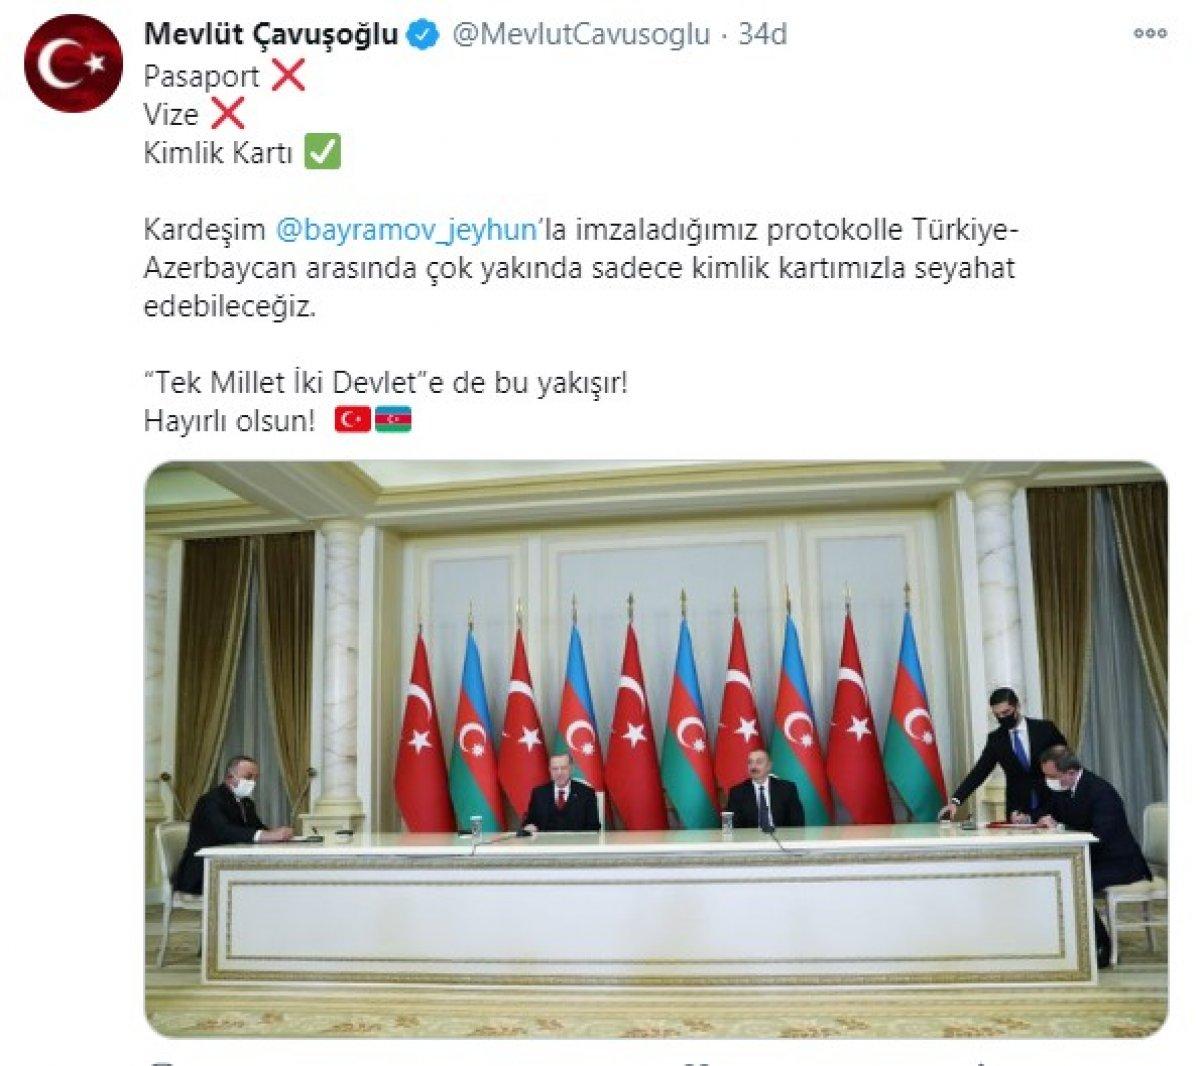 Türkiye-Azerbaycan arasında vizeler kalkıyor #1